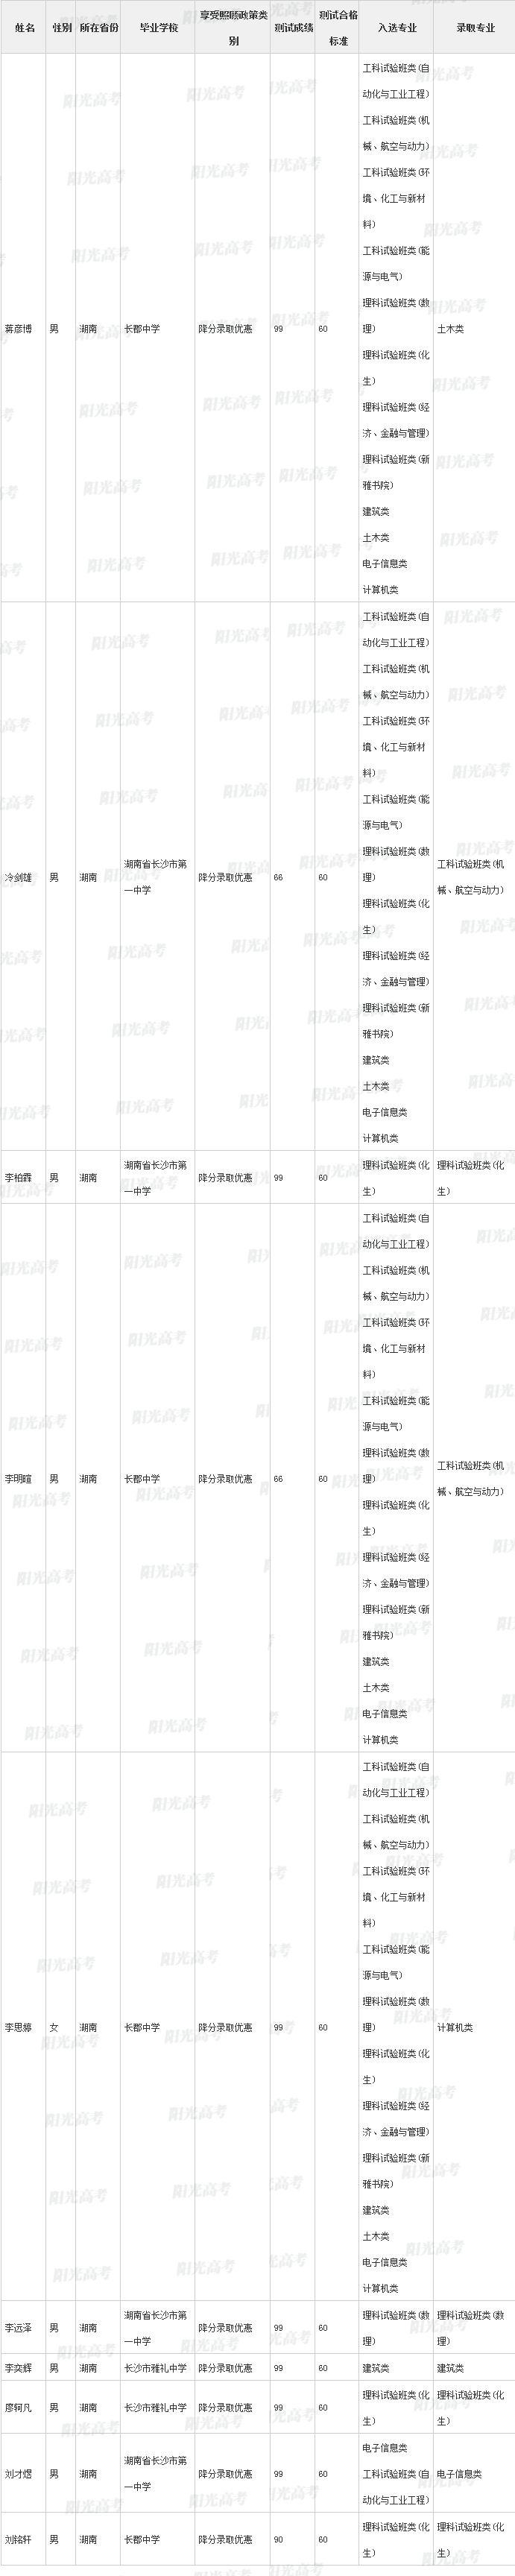 清华北大自主招生录取名单公示!湖南112人全国第一,这所学校最牛